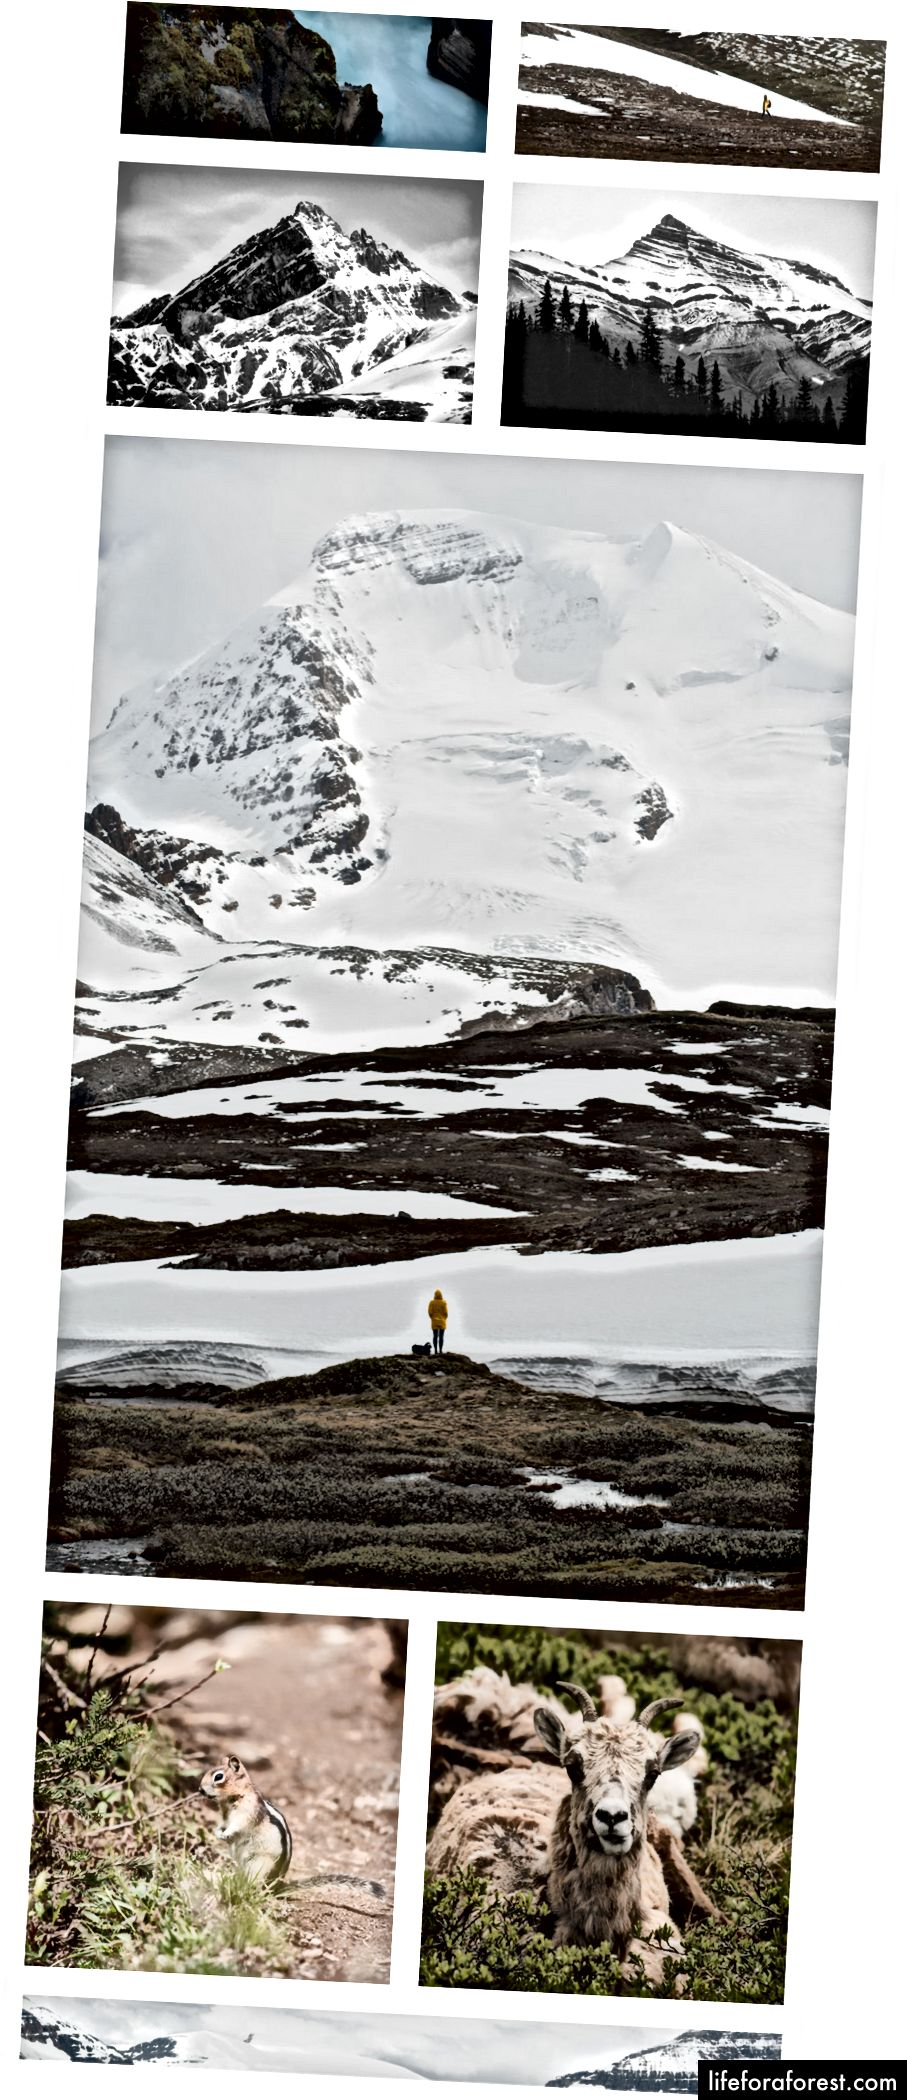 겨울철에 일부 야생 동물과 함께 알파인 하이킹 이야기.